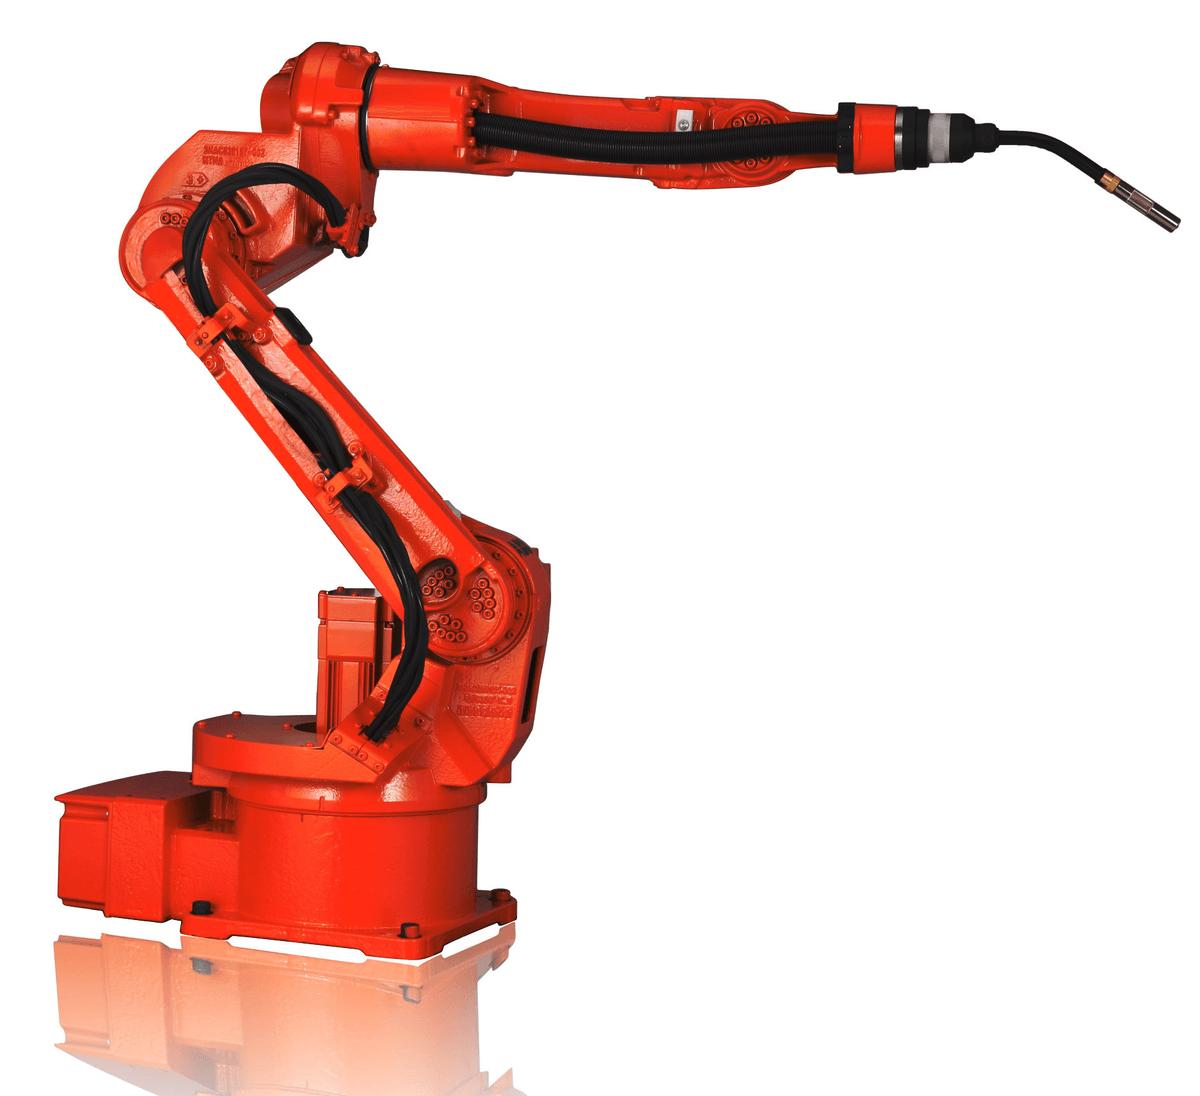 weldingRobots